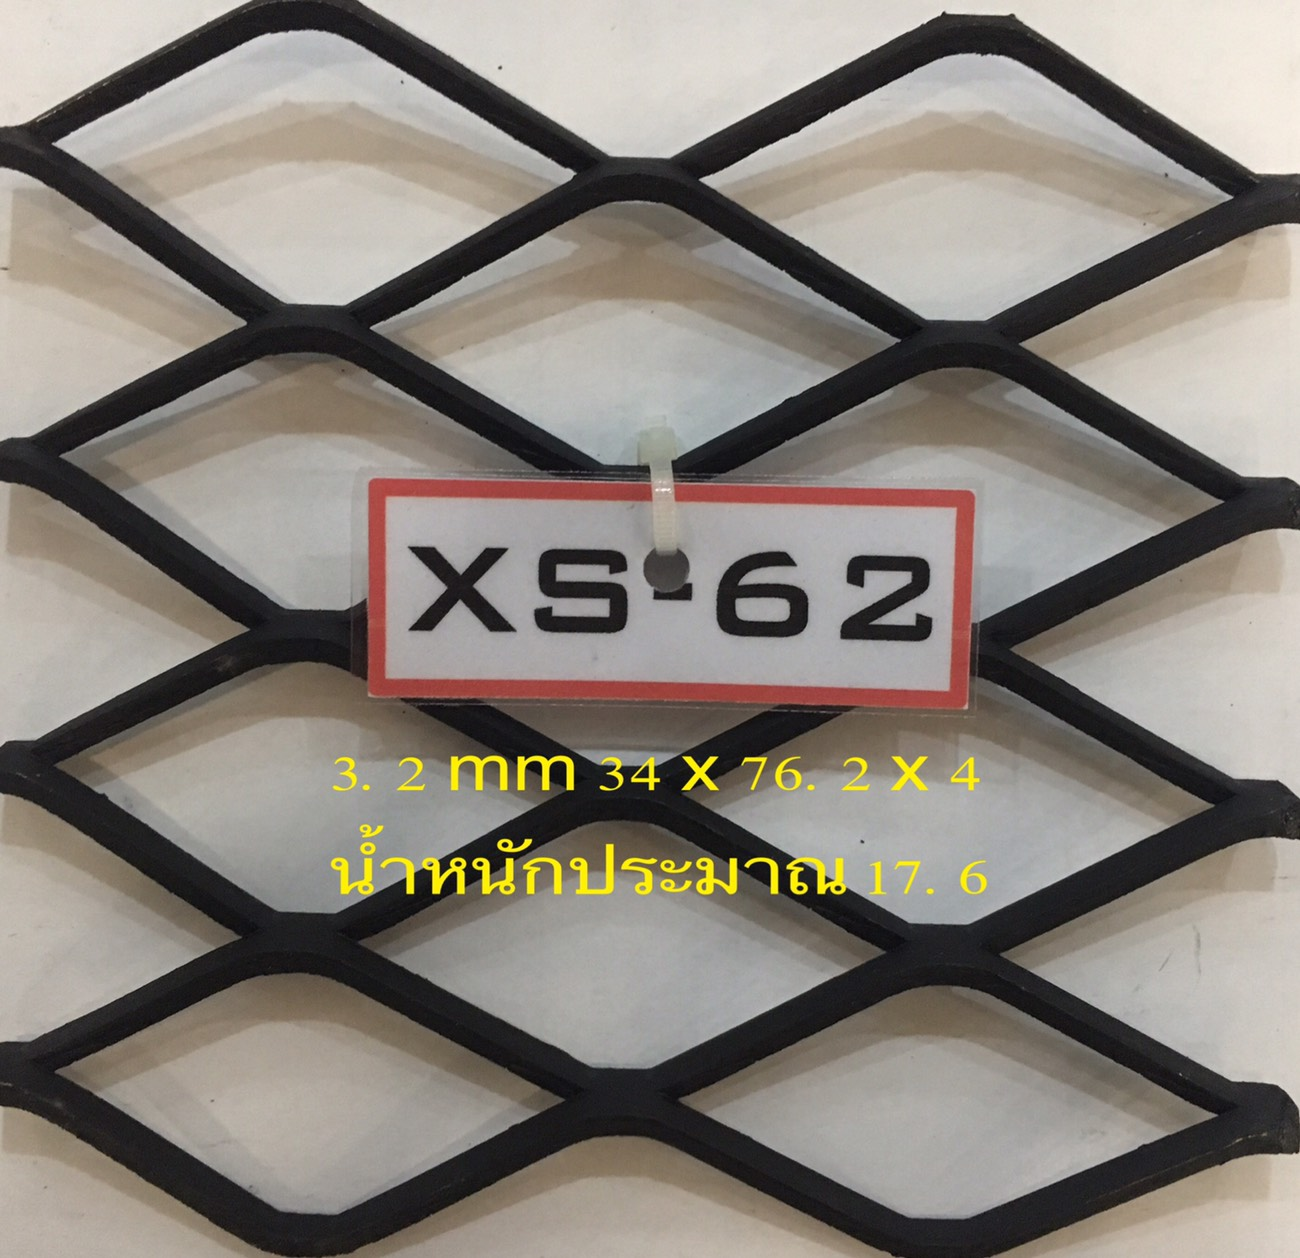 ตะแกรงเหล็กฉีกXS62